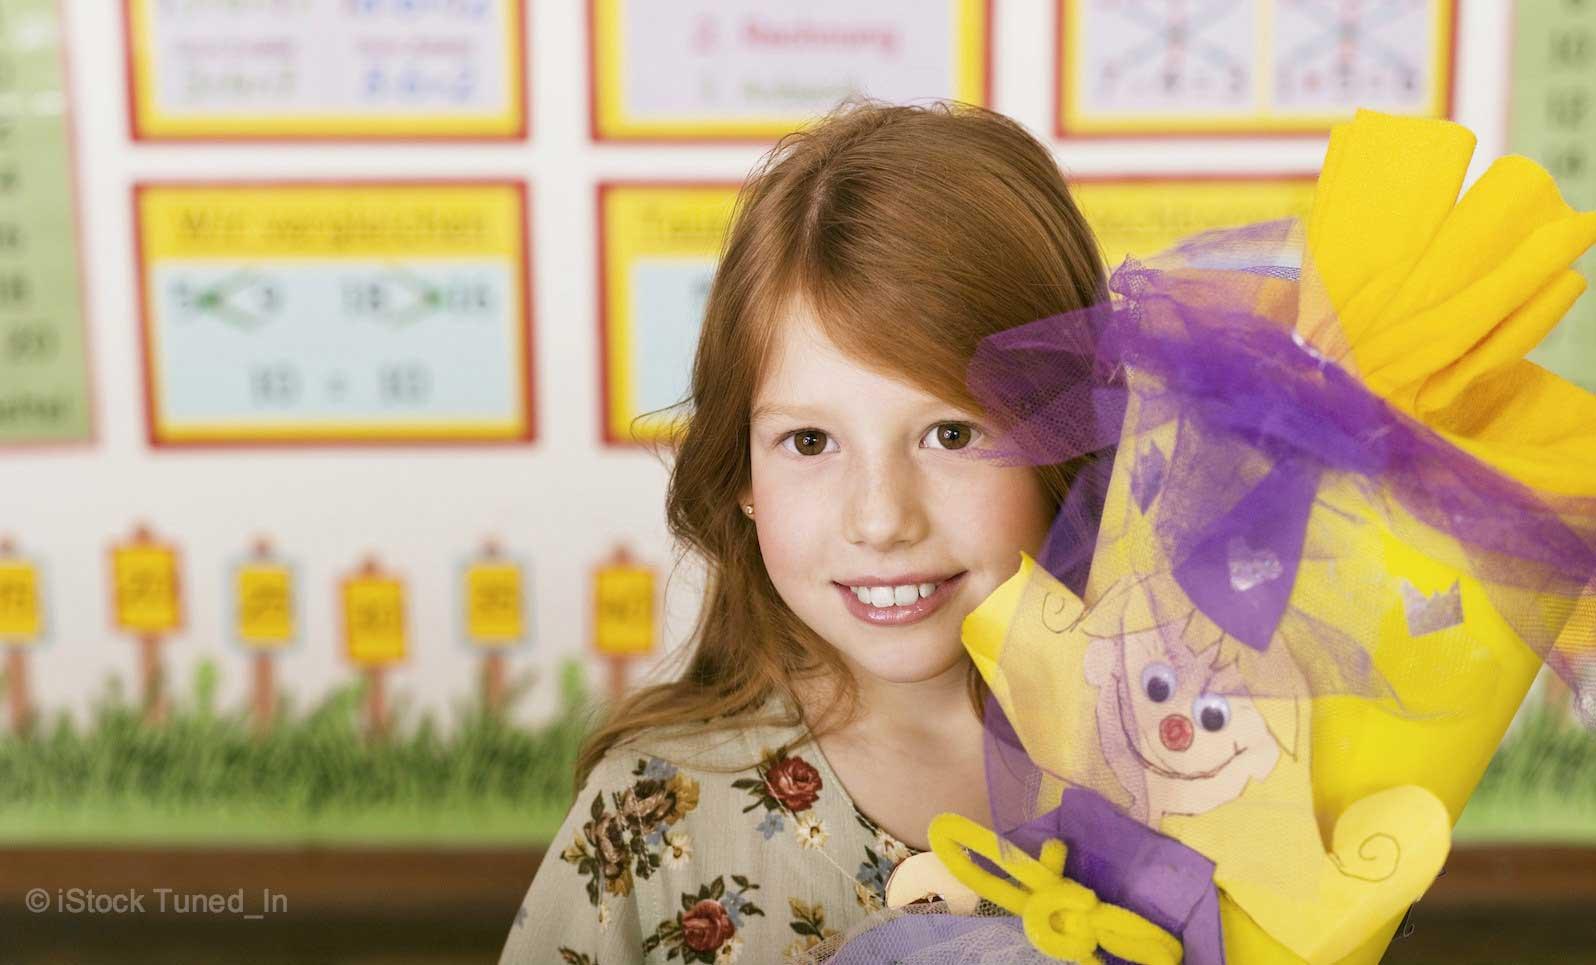 ZahnZoo-News. Wir geben Tipps für die Zahngesunde Schultüte. Die Zahnarztpraxis für Kinder und Jugendliche in Krefeld.